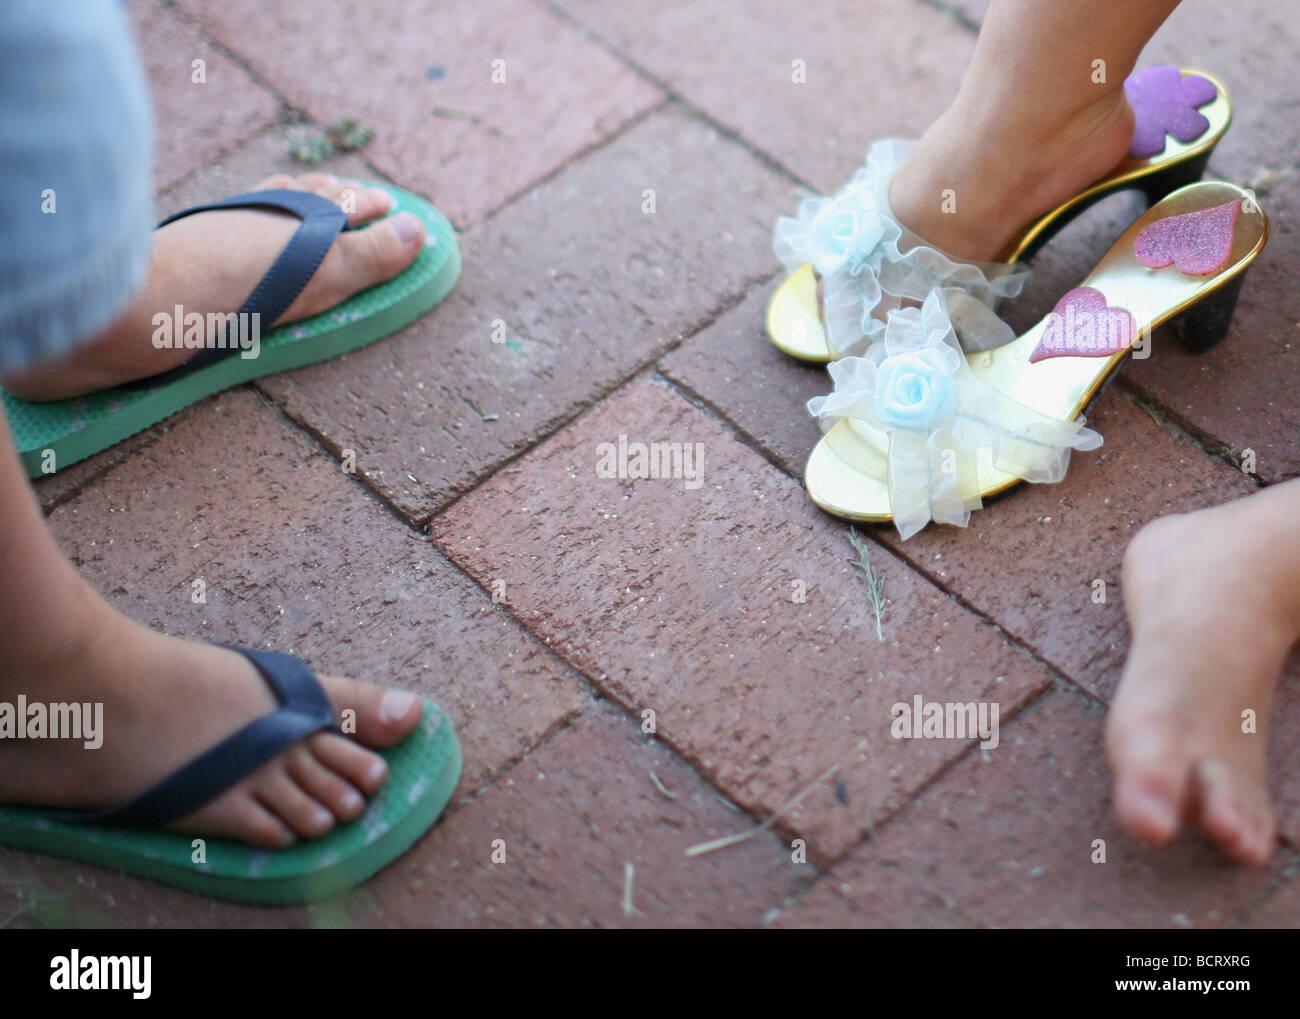 La section basse de deux enfants portant des chaussons et sandales Photo Stock